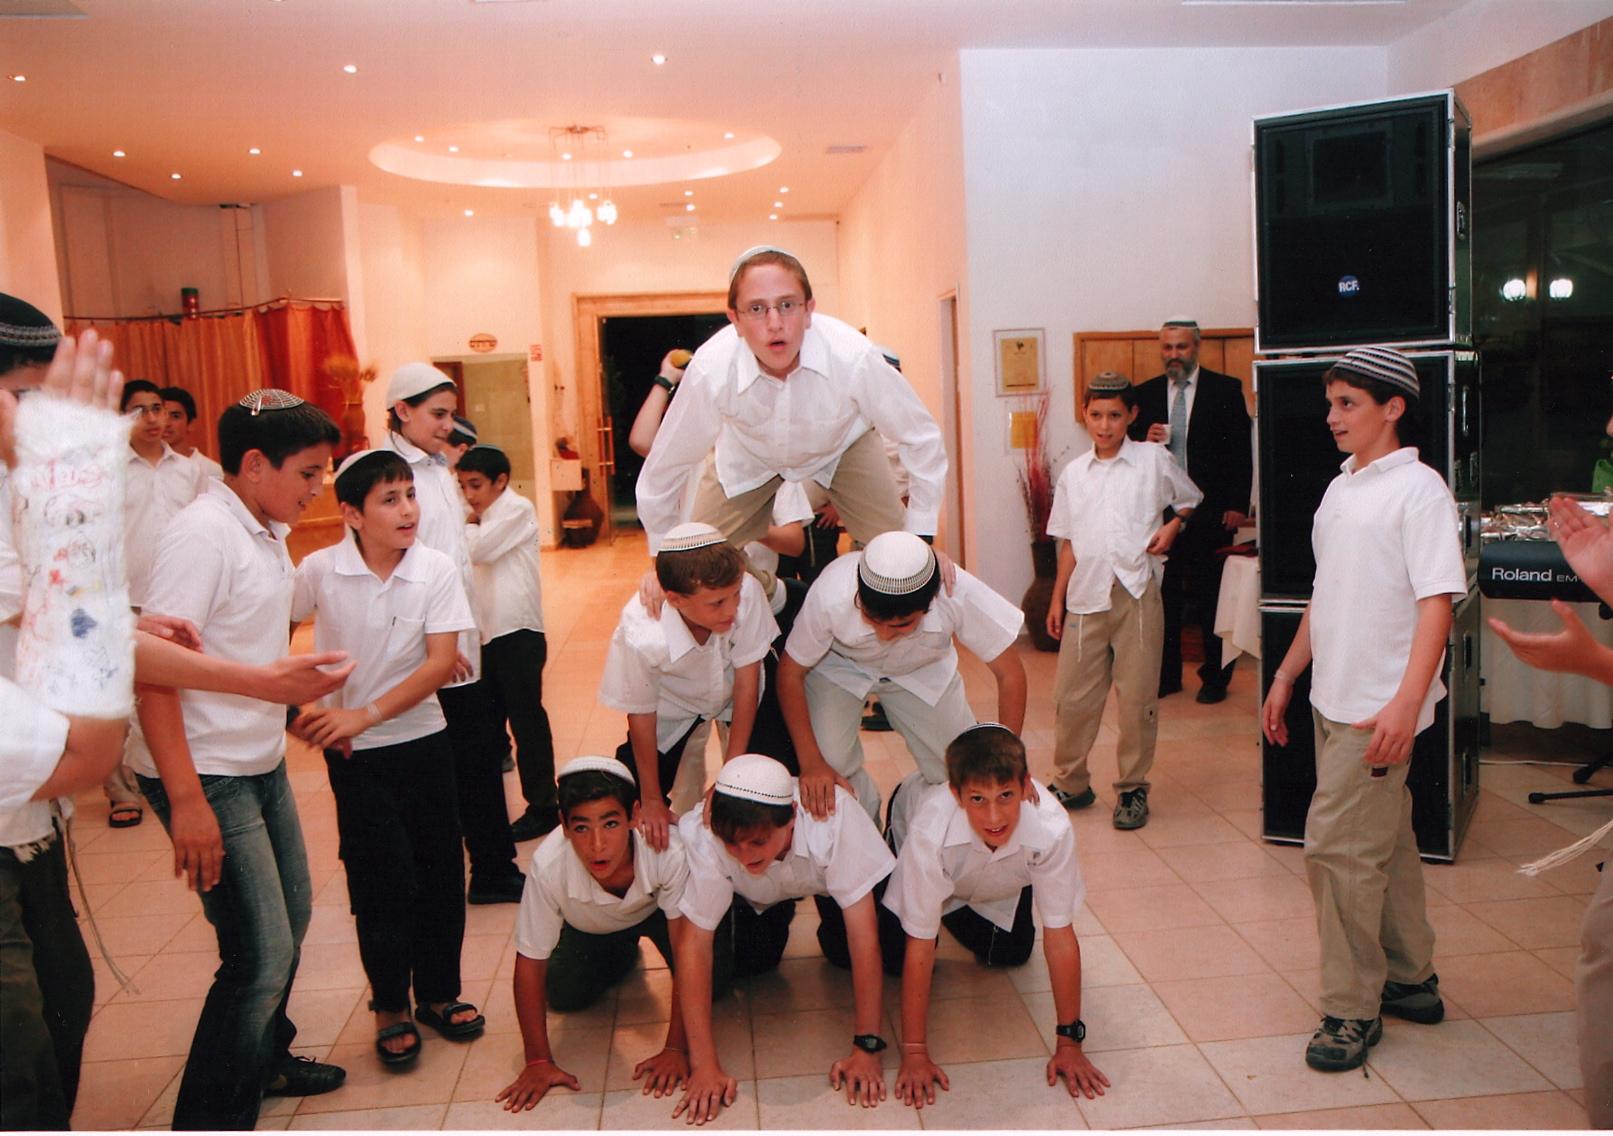 ישי והחברים לכיתה בבר מצווה של ראובן כהן